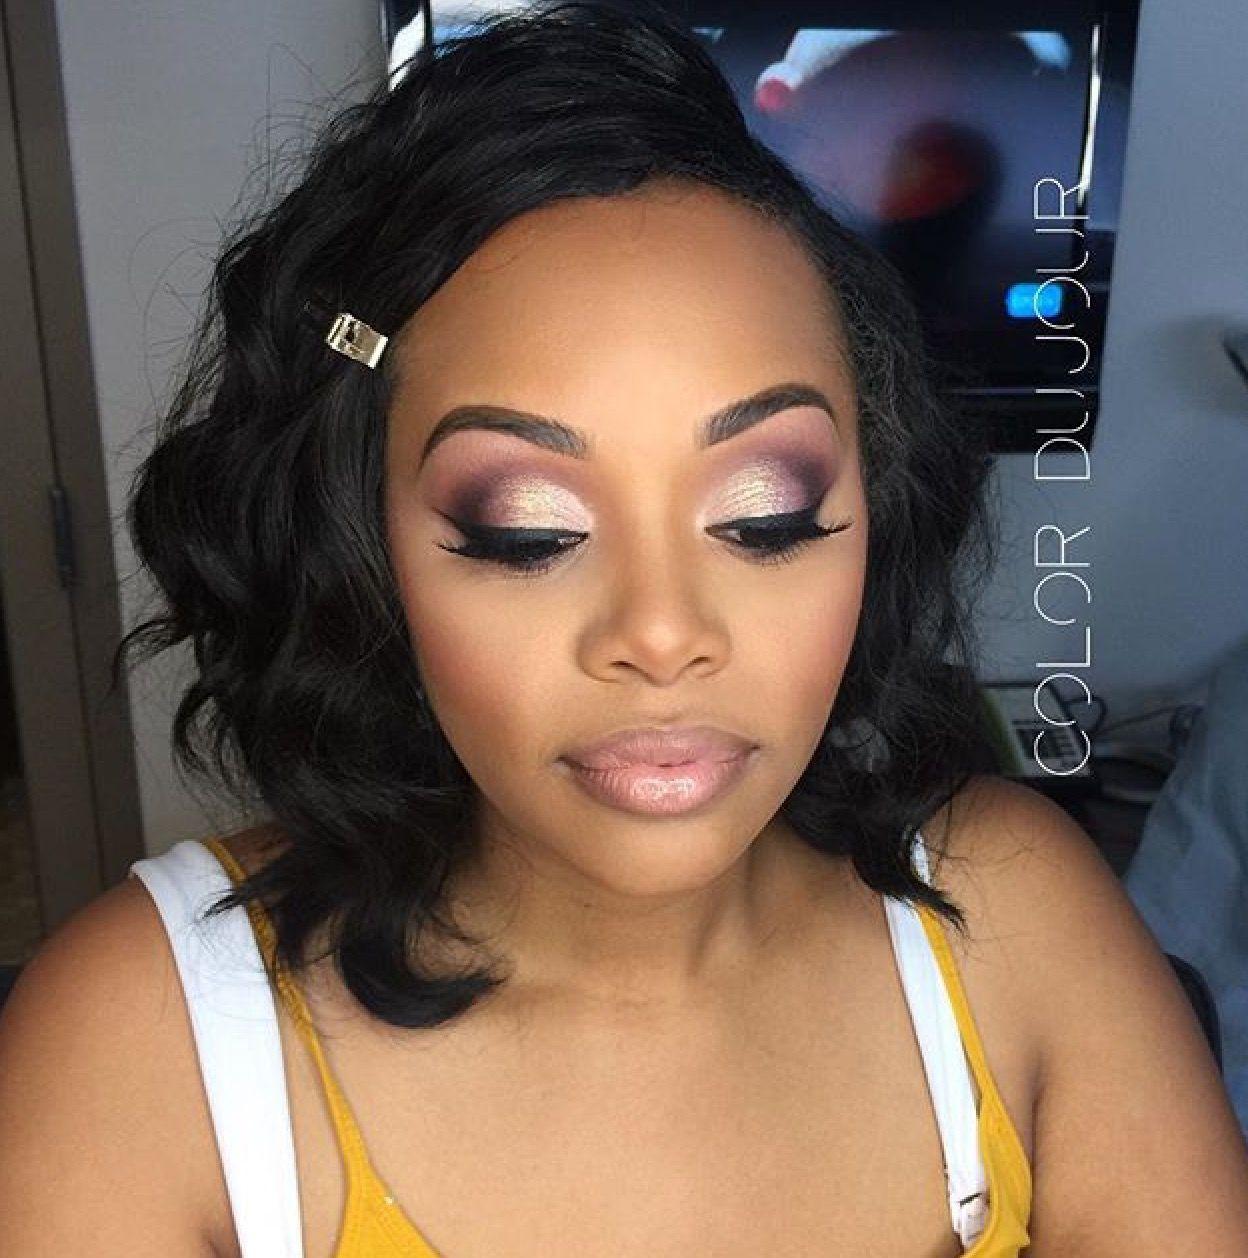 Épinglé par SEVMYLOOK sur Maquillage soirée | Maquillage